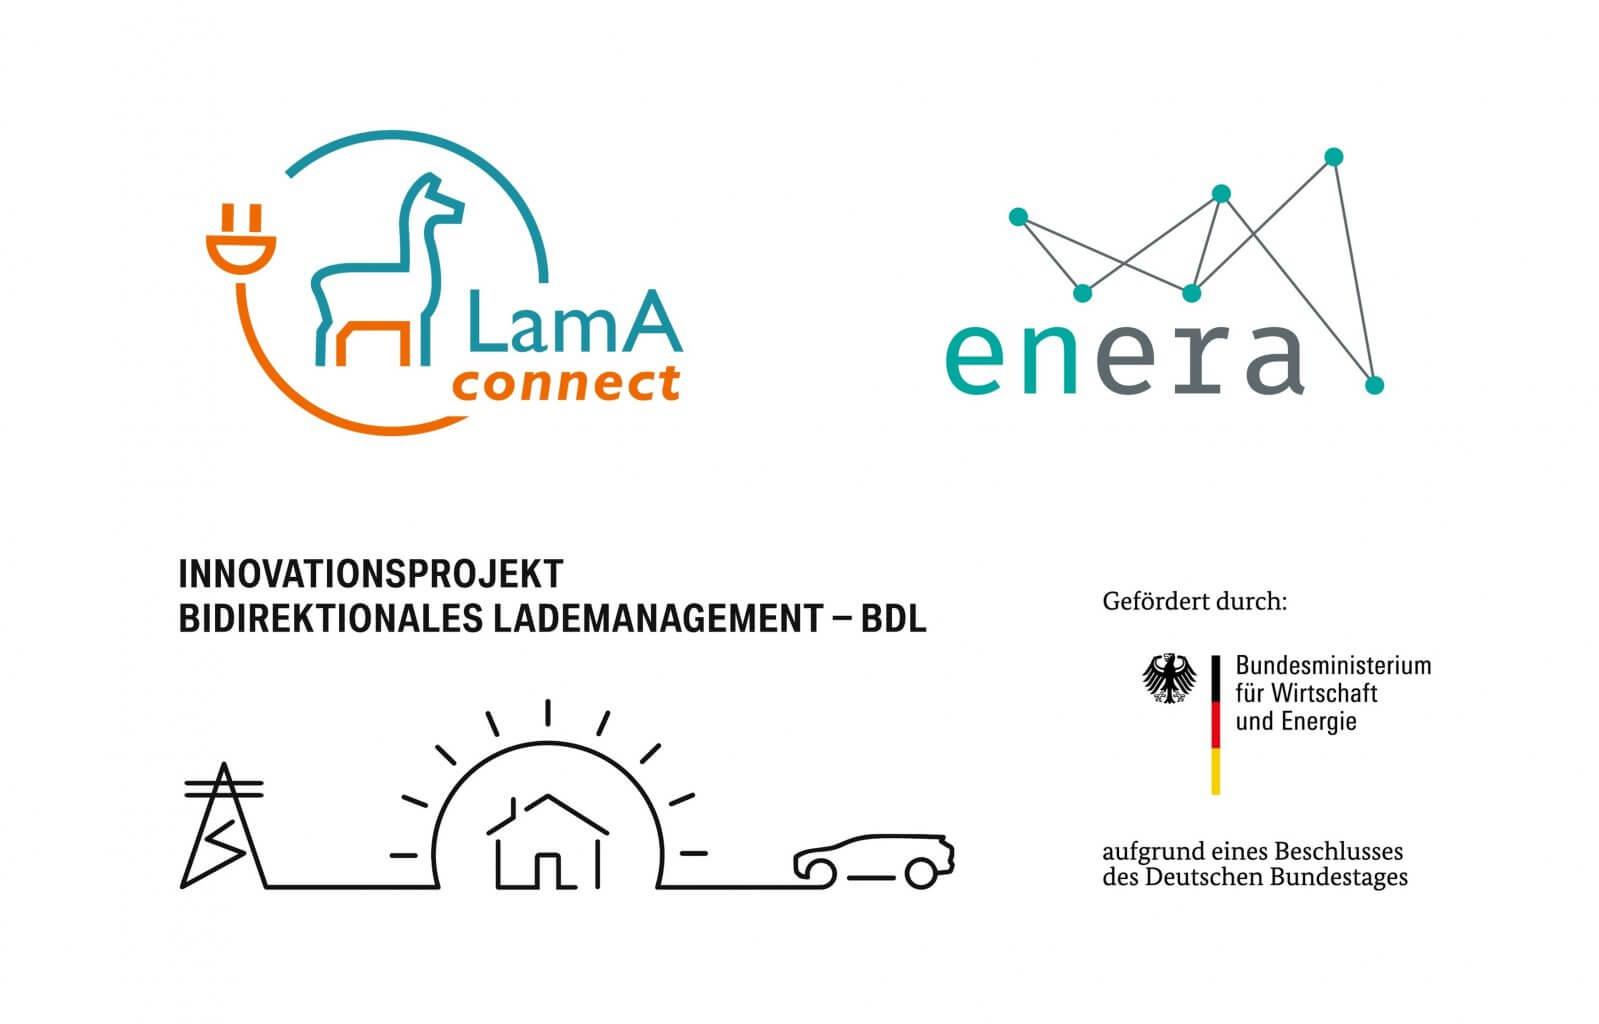 LamAconnect Enera E-Mobilität Projekte